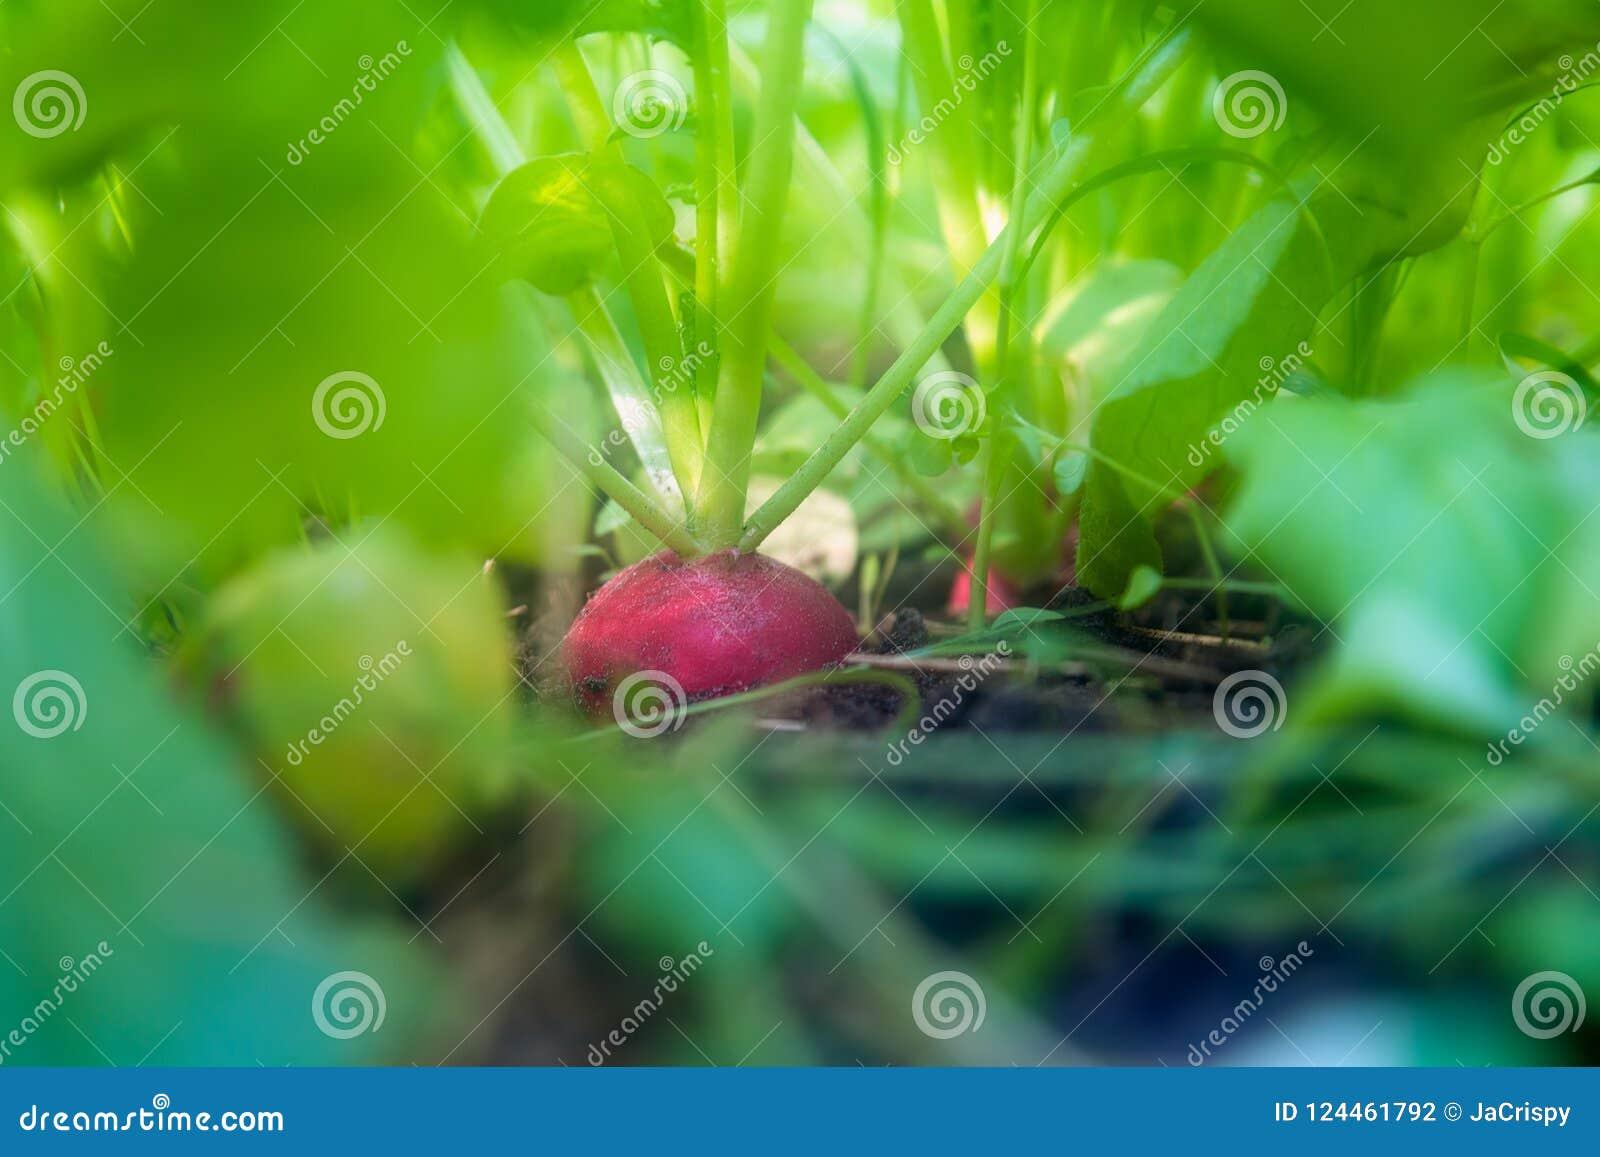 Ravanello nazionale organico nel suolo circondato dai verdi sviluppisi